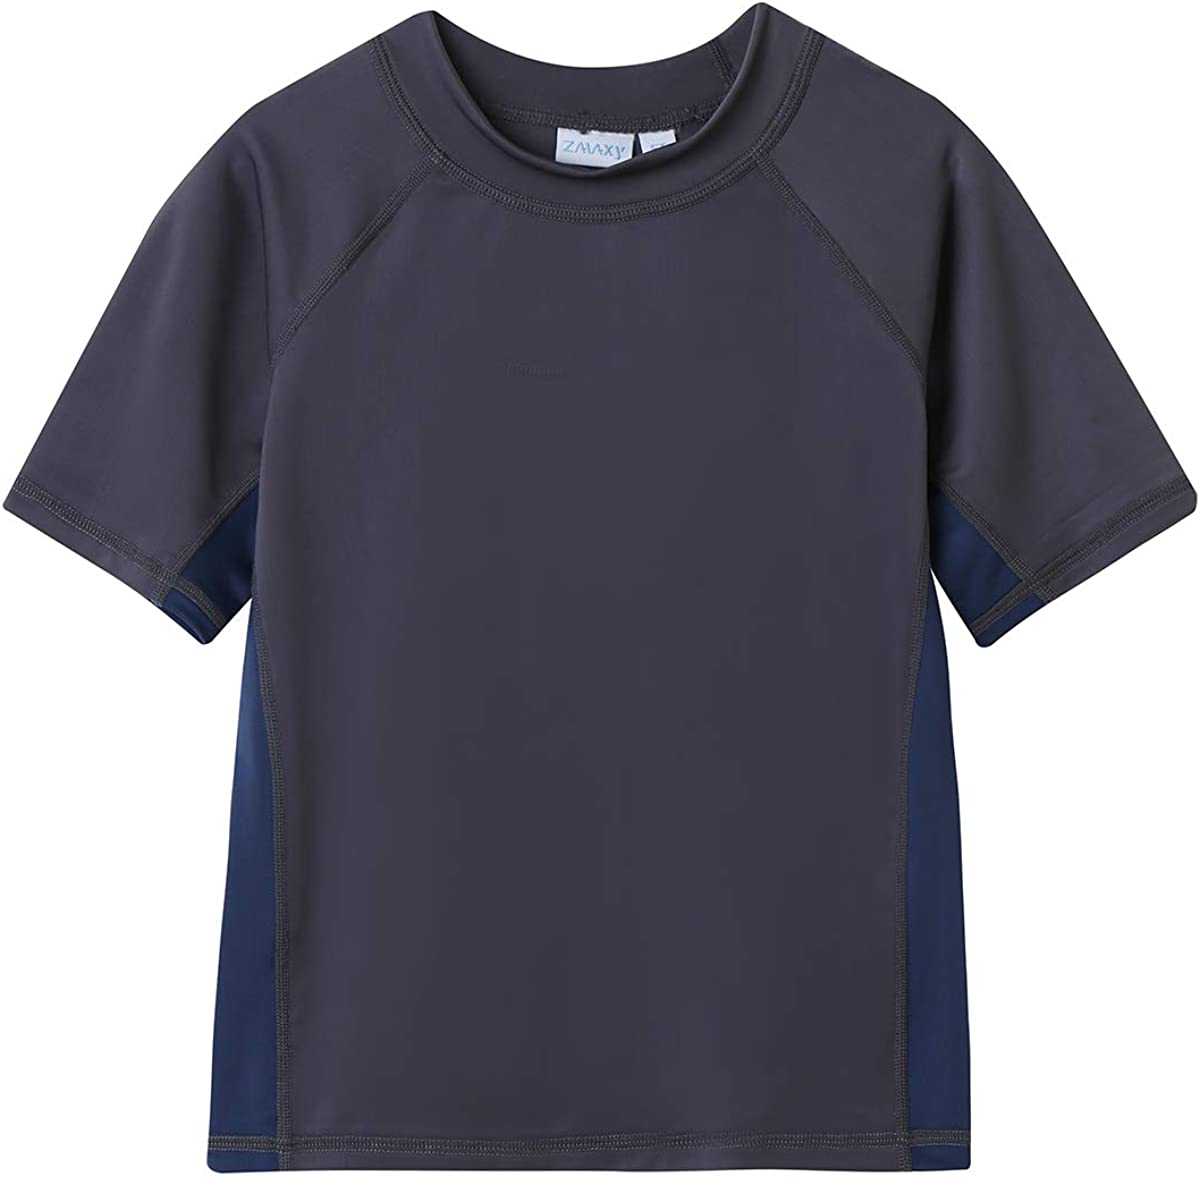 ZALAXY Boys' Short Sleeve Rashguard Washington Mall Shirt Swim 50+ Max 46% OFF UPF Kids